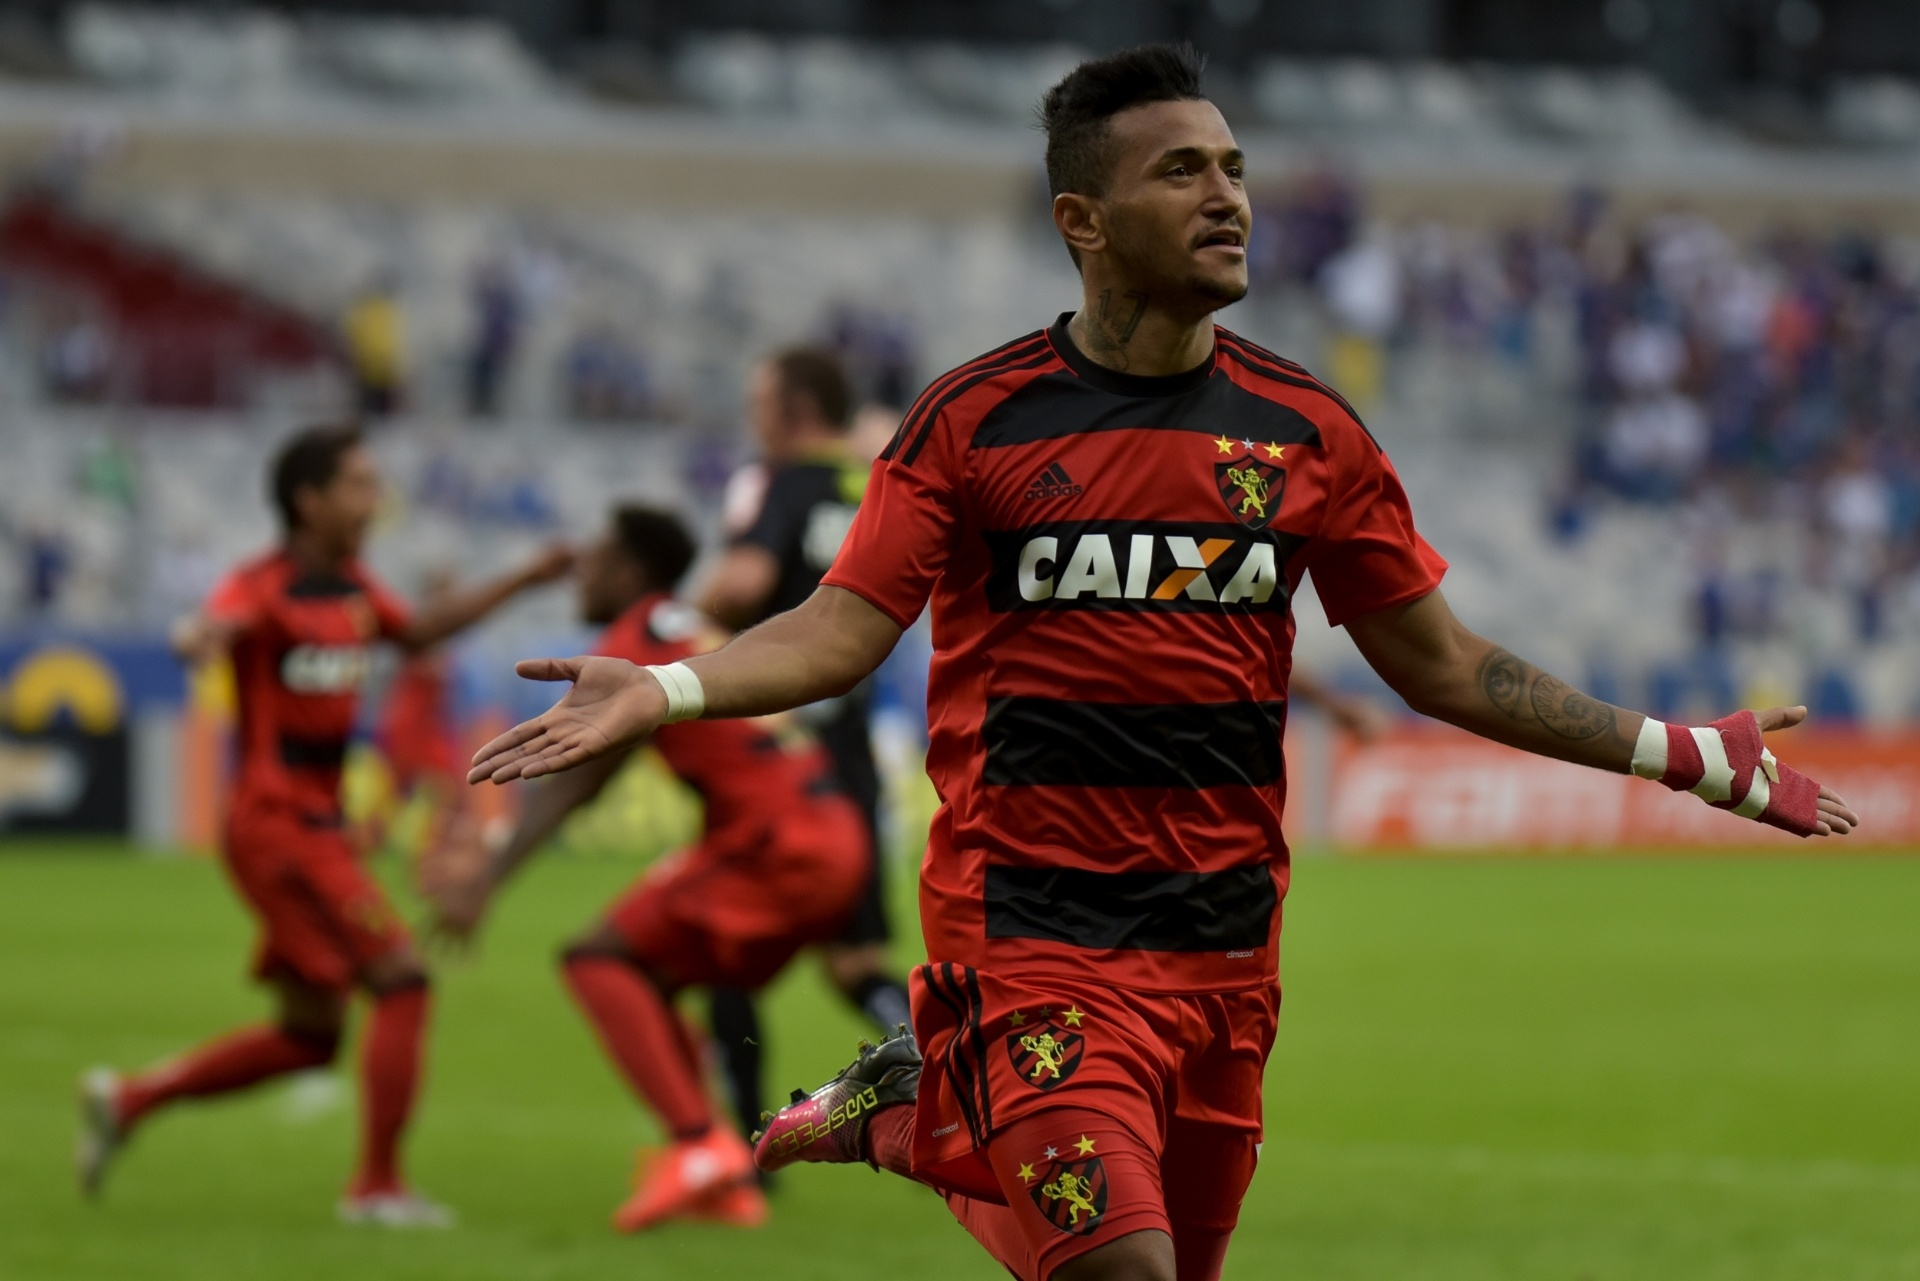 Bahia oficializa o atacante Rogério dcdf4a6a36ee8